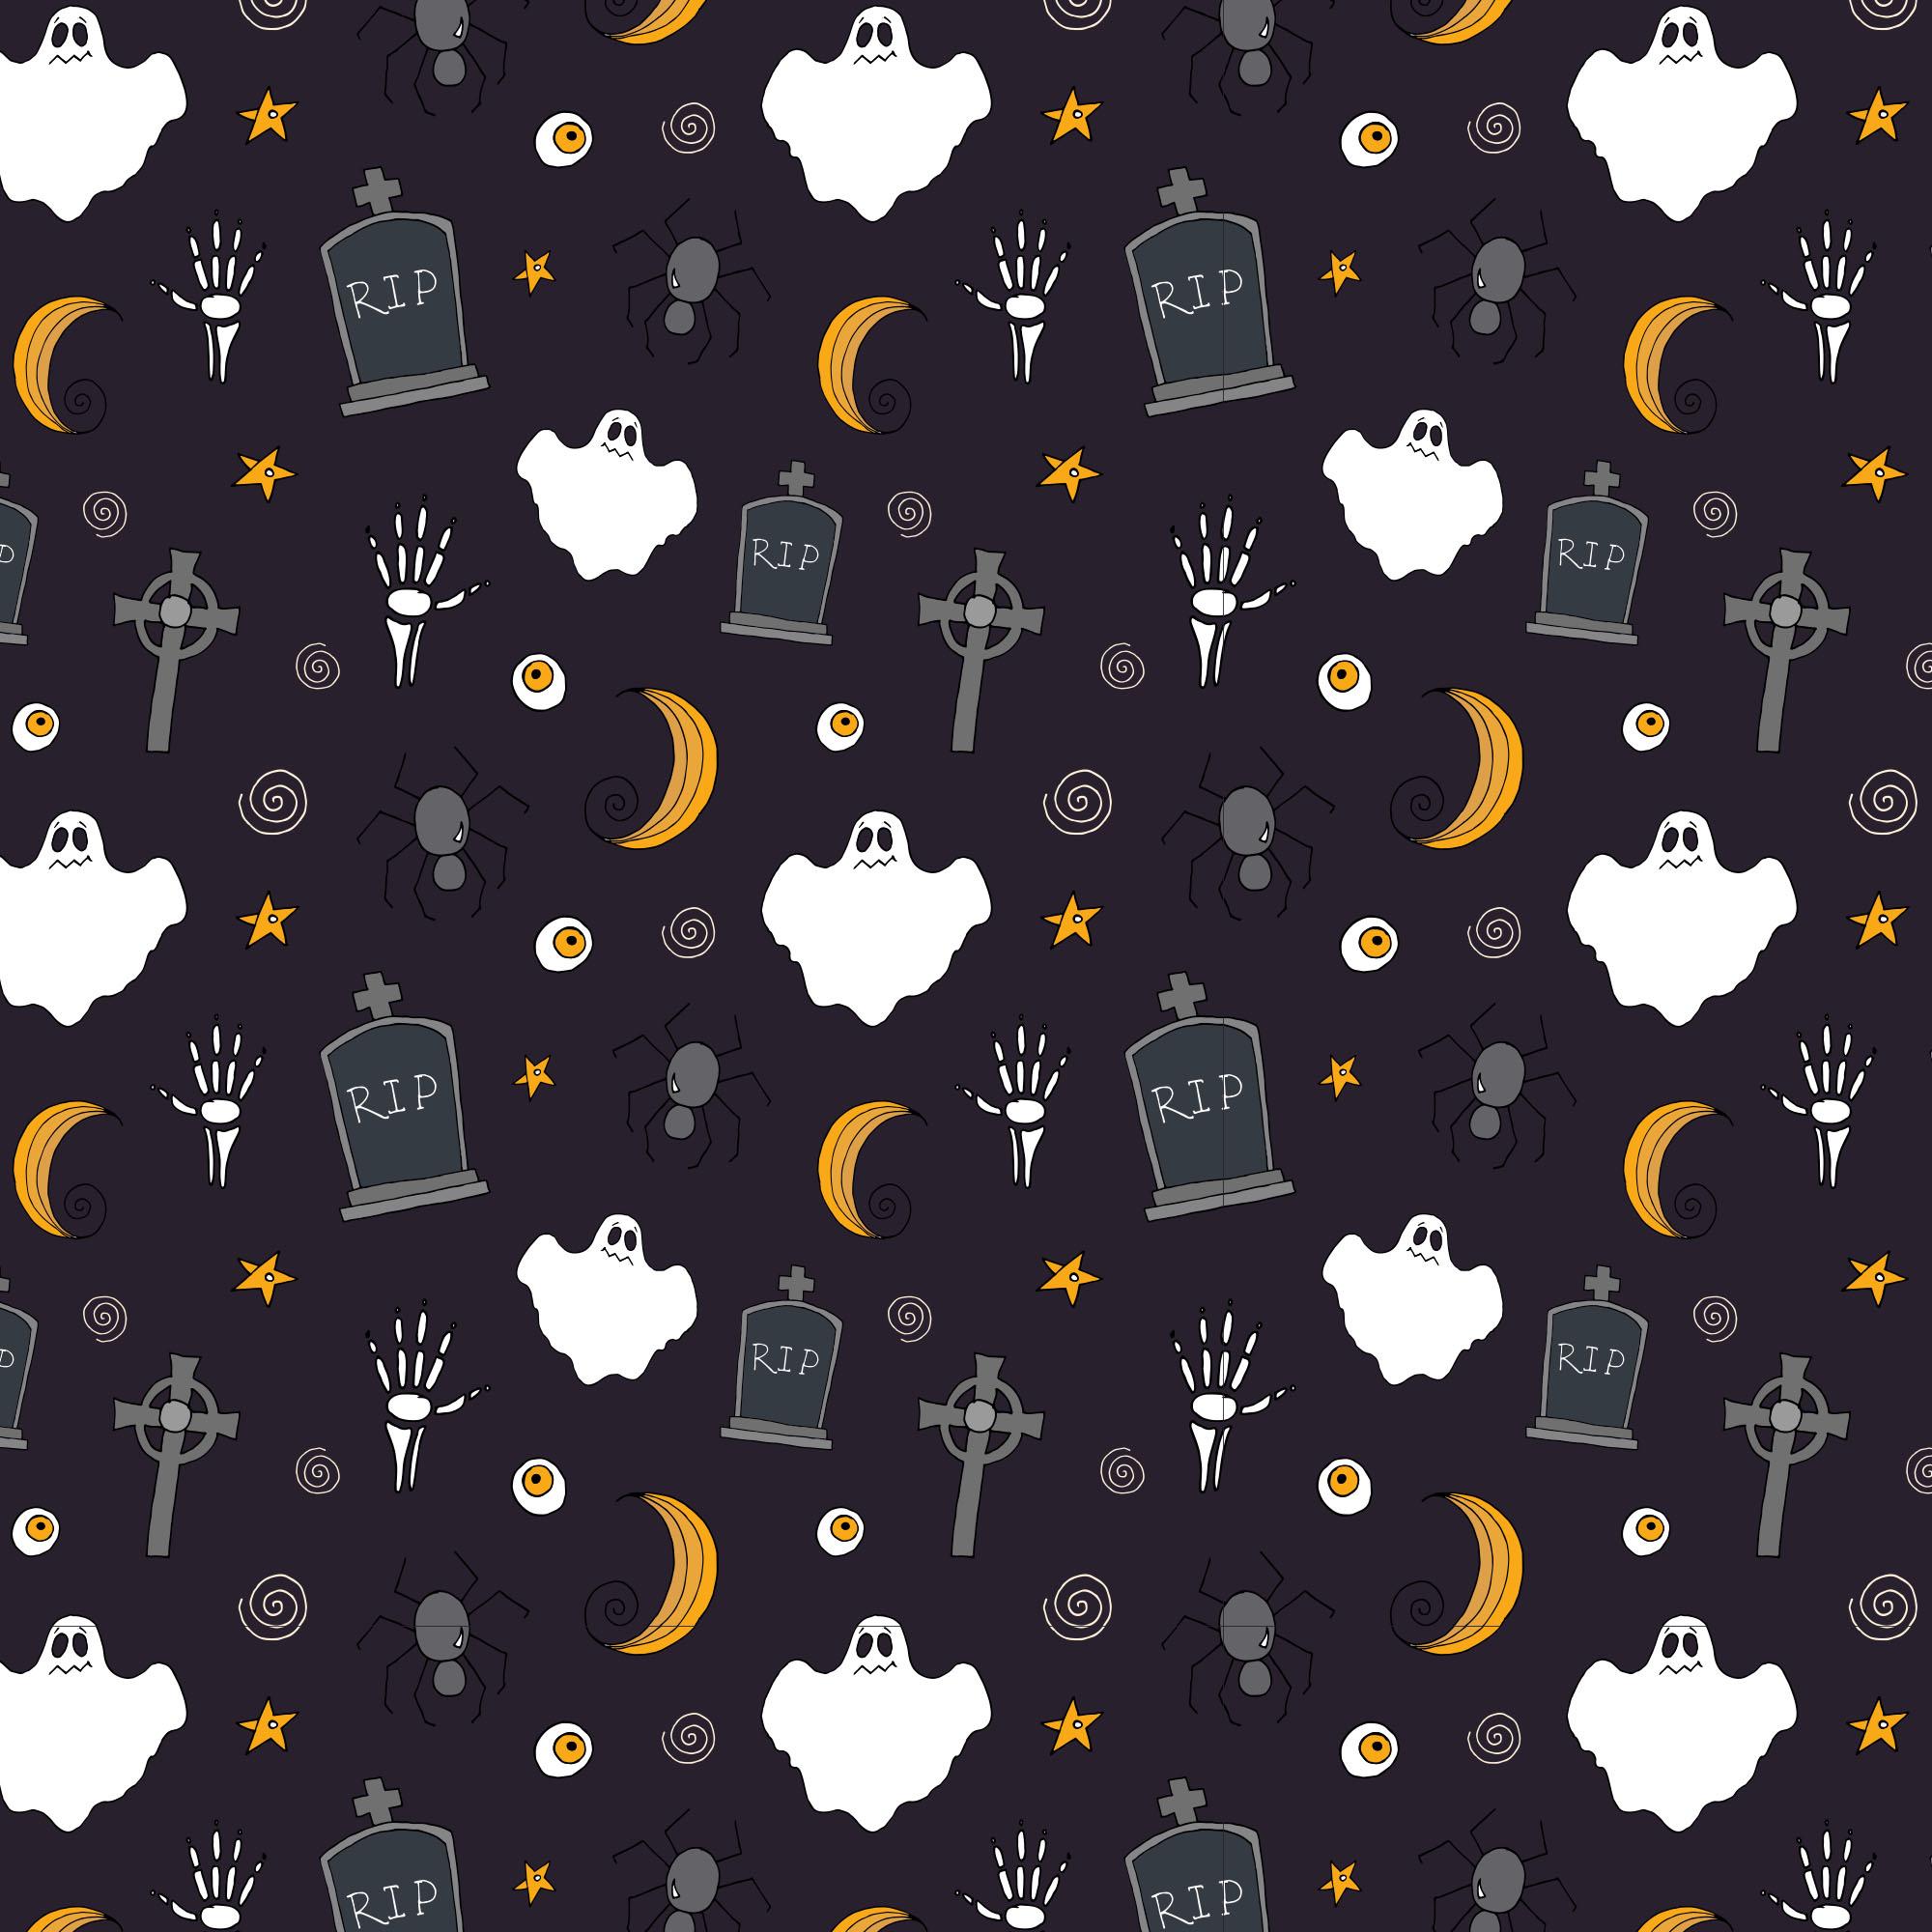 可爱万圣节矢量图案平面设计素材包 Halloween Vector Elements & Patterns – Part II插图(3)